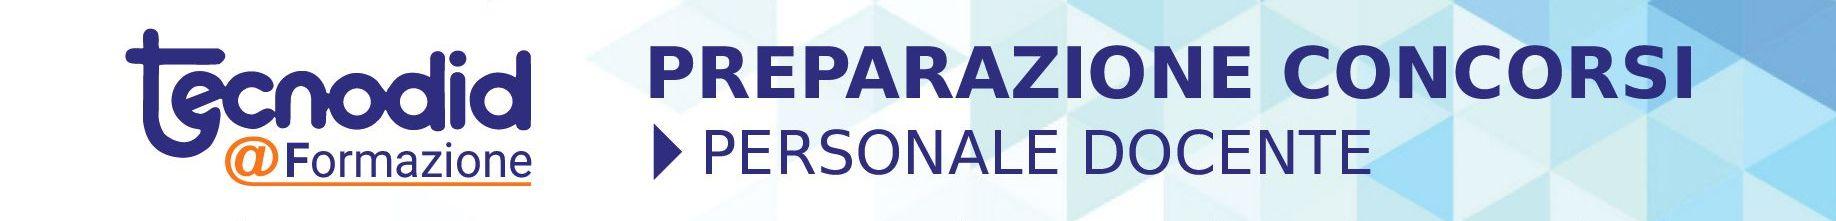 logo_concorso_docente.jpg